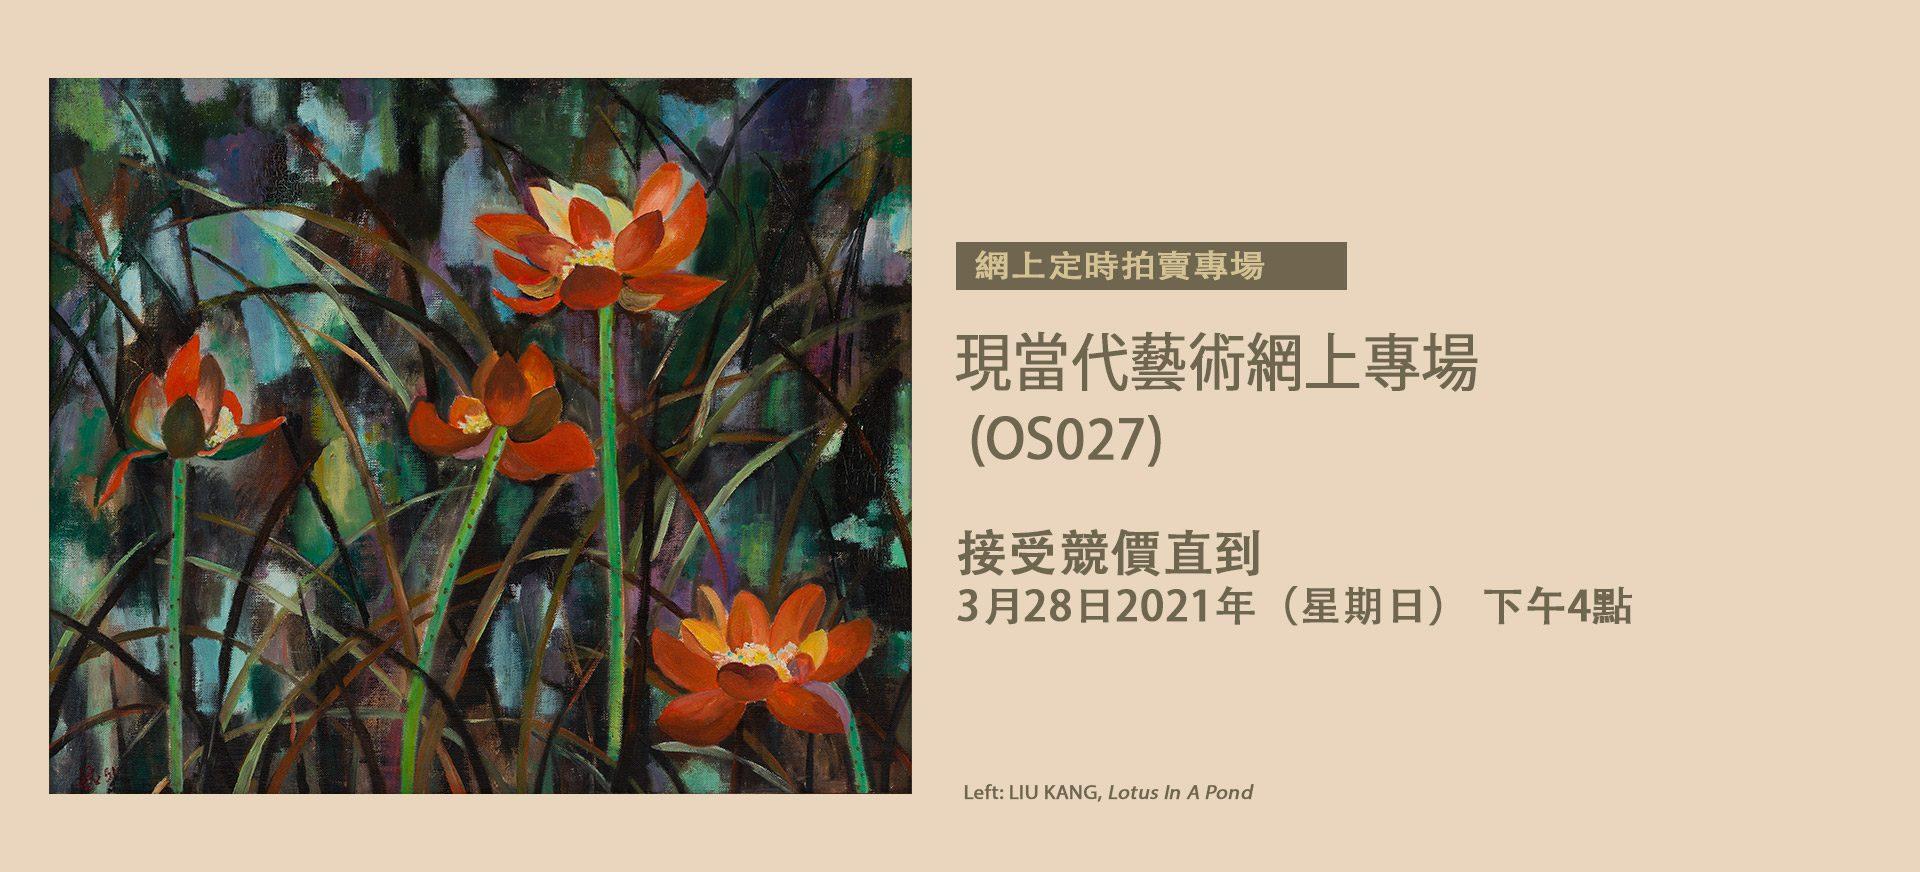 1920x872_slider_os027_liukang_cn